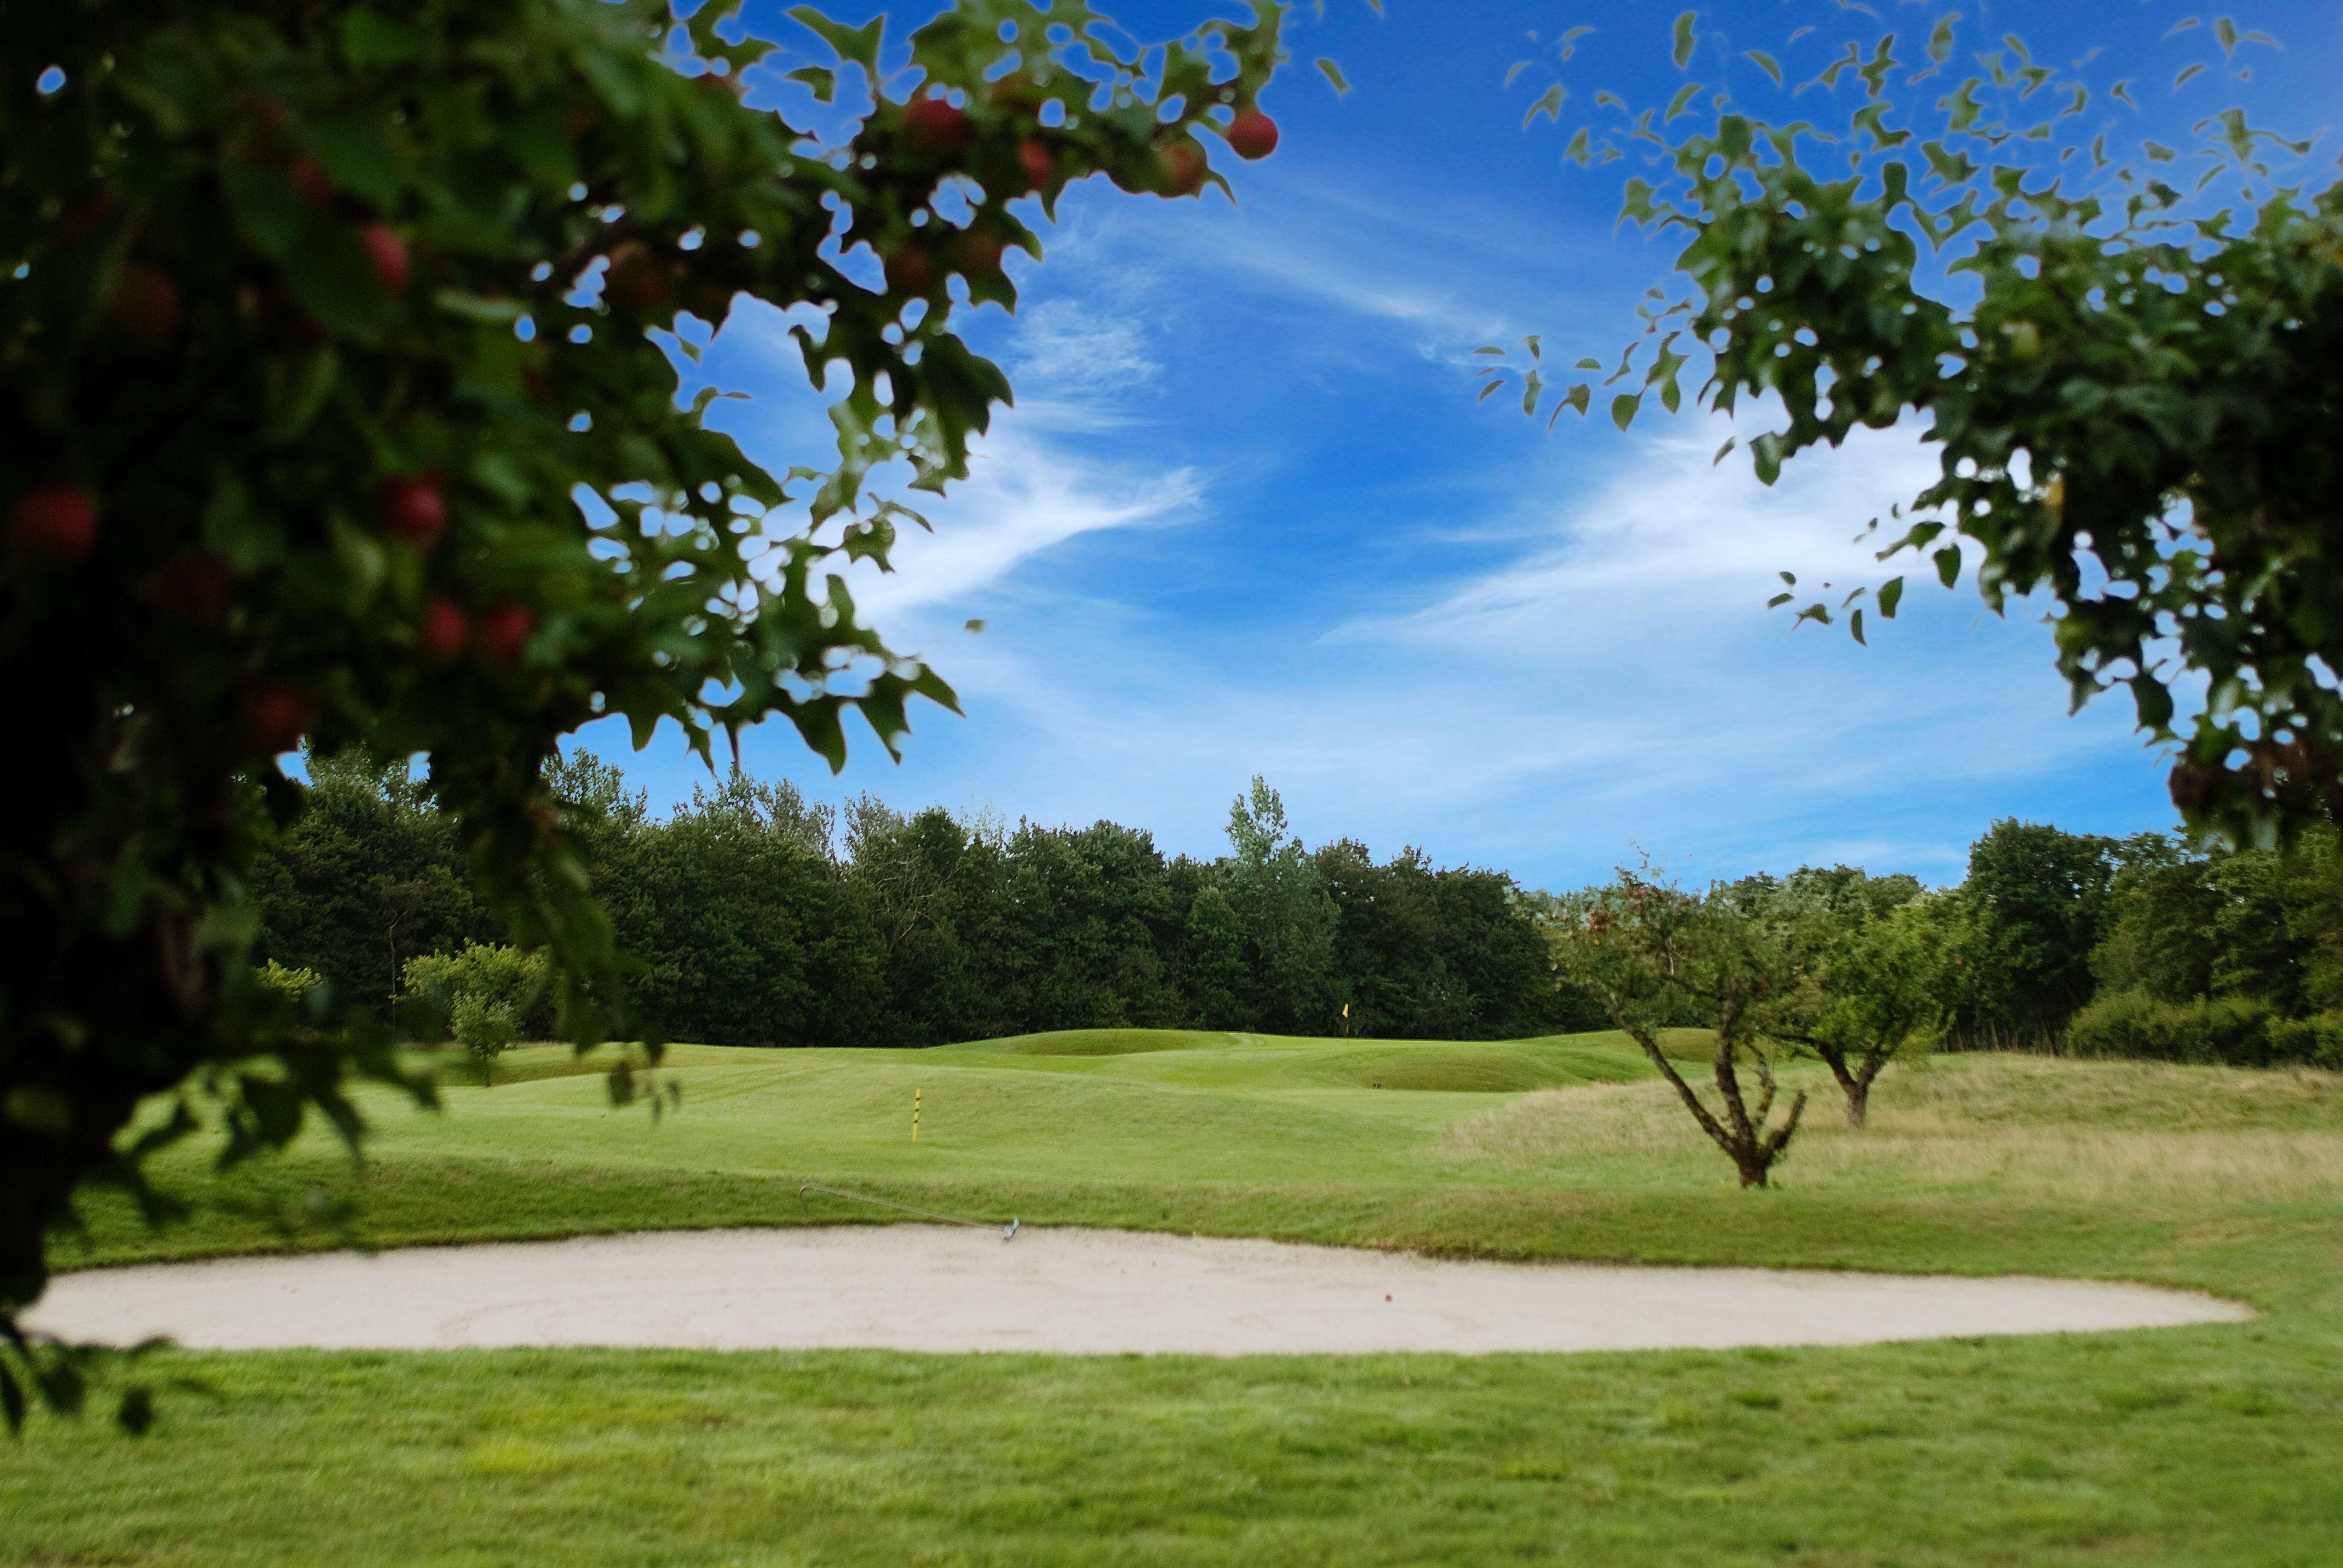 Abbekås Golfrestaurang & Hotell , Banan är en underbar hedbana, par 72, där de första nio hålen går mellan trädridåer i ett öppet landskap. De andra nio är mer kuperade och leds genom gamla äppelodlingar.